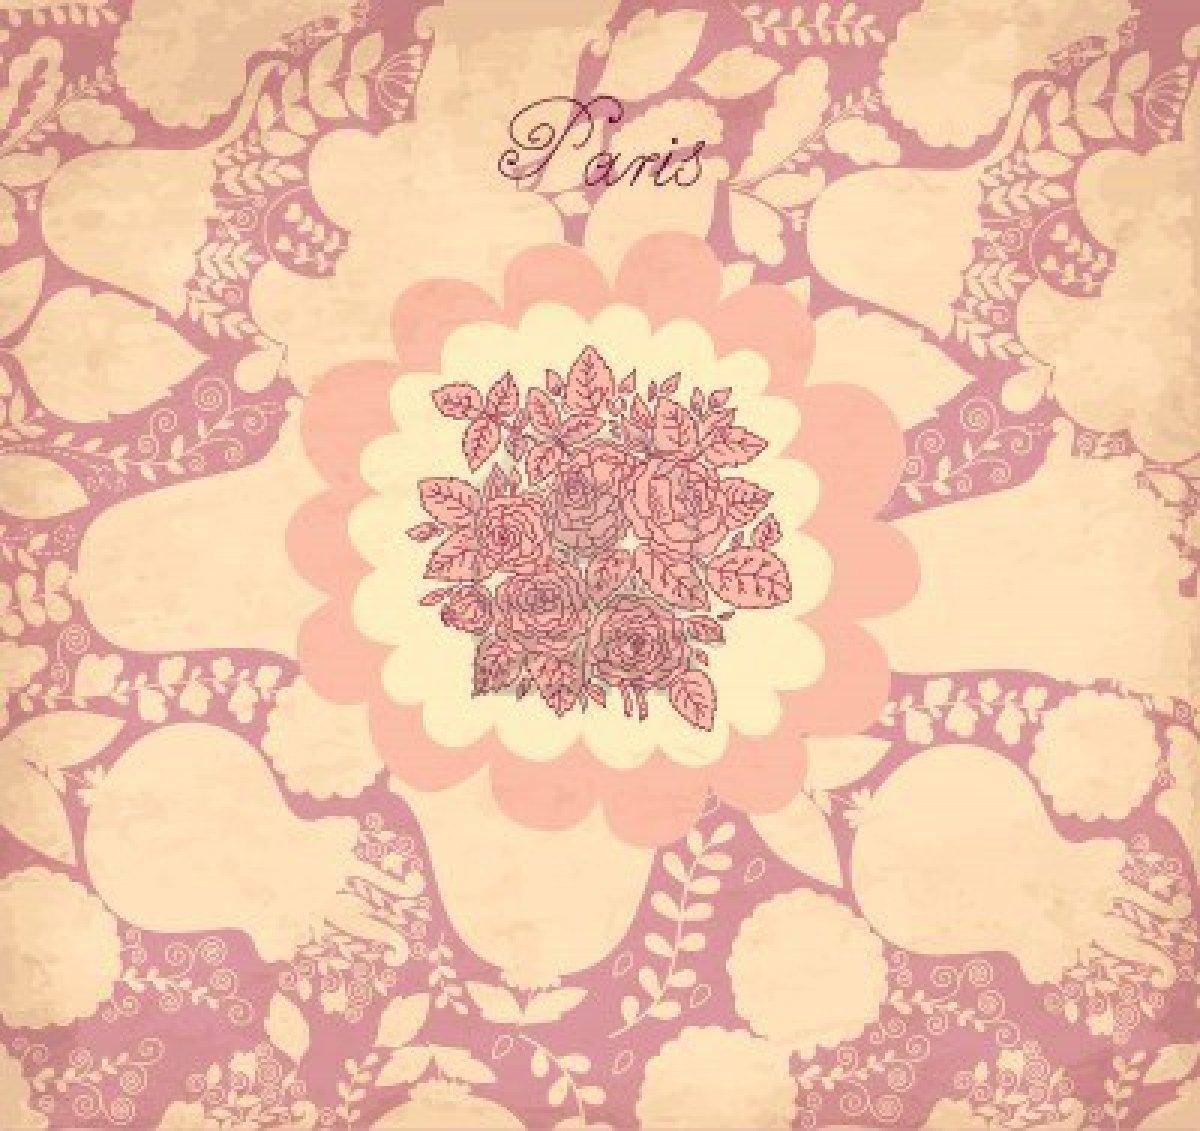 Free Download Vintage Flower Wallpaper Wallpaper Vintage Flower